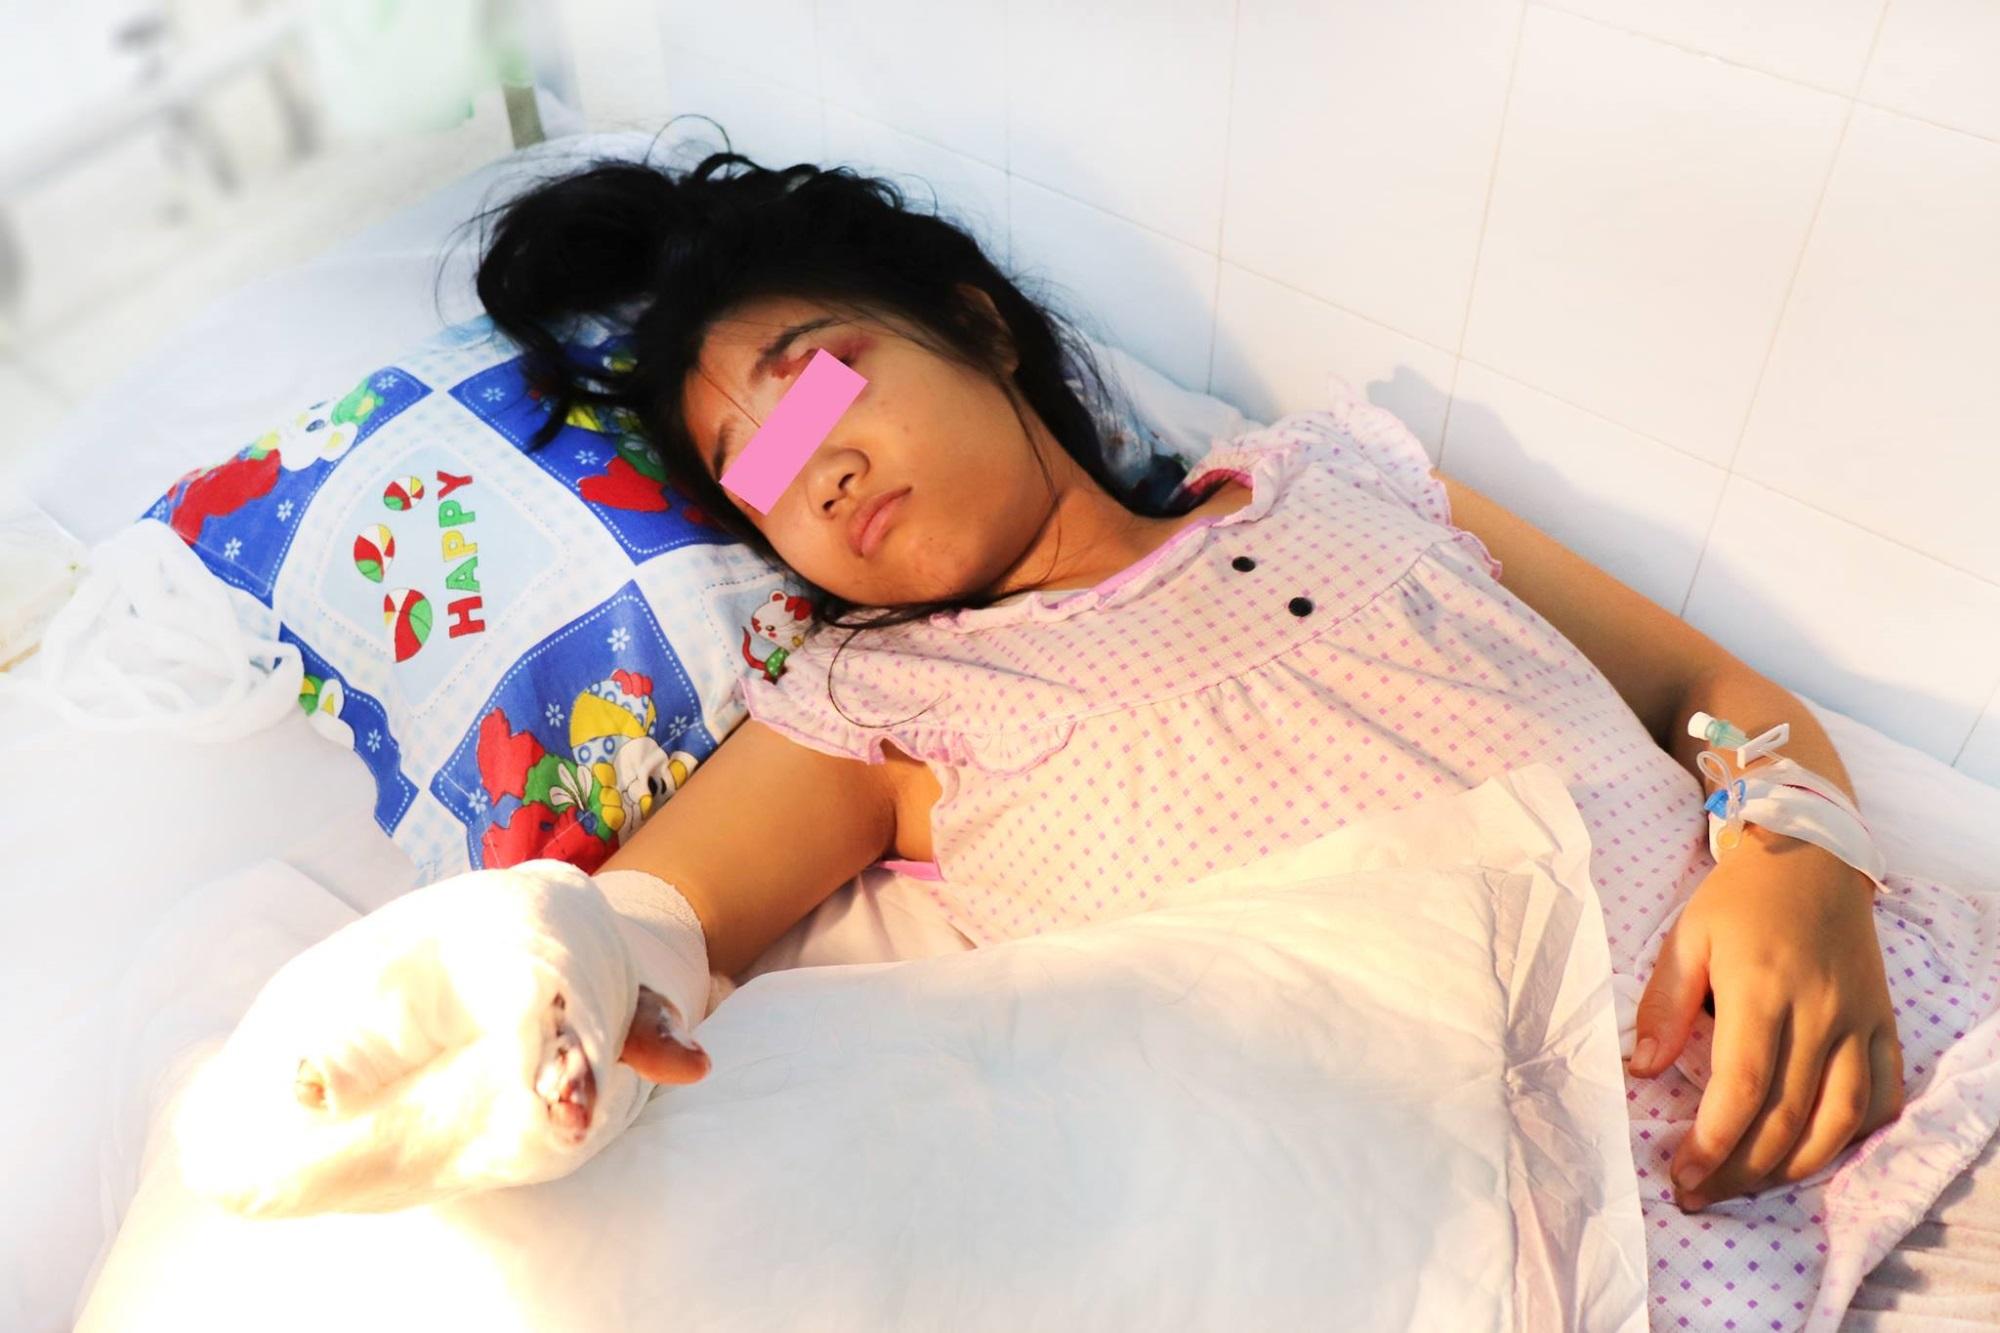 Phẫu thuật tái tạo bàn tay cho bé gái 14 tuổi bị xe container cán phải - Ảnh 2